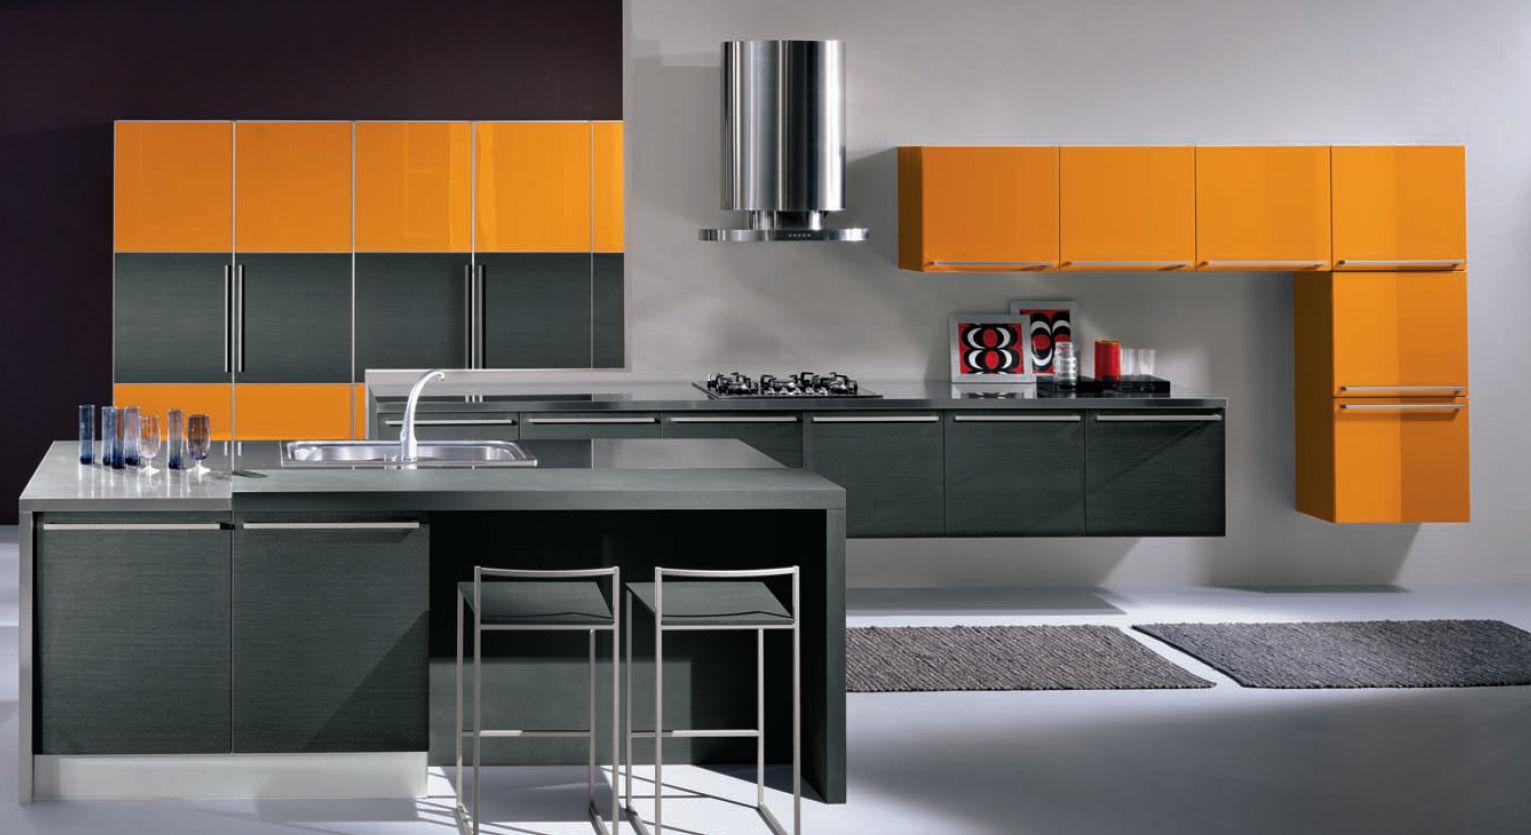 Cocinas integrales modernas para espacios peque os - Cocinas espectaculares modernas ...